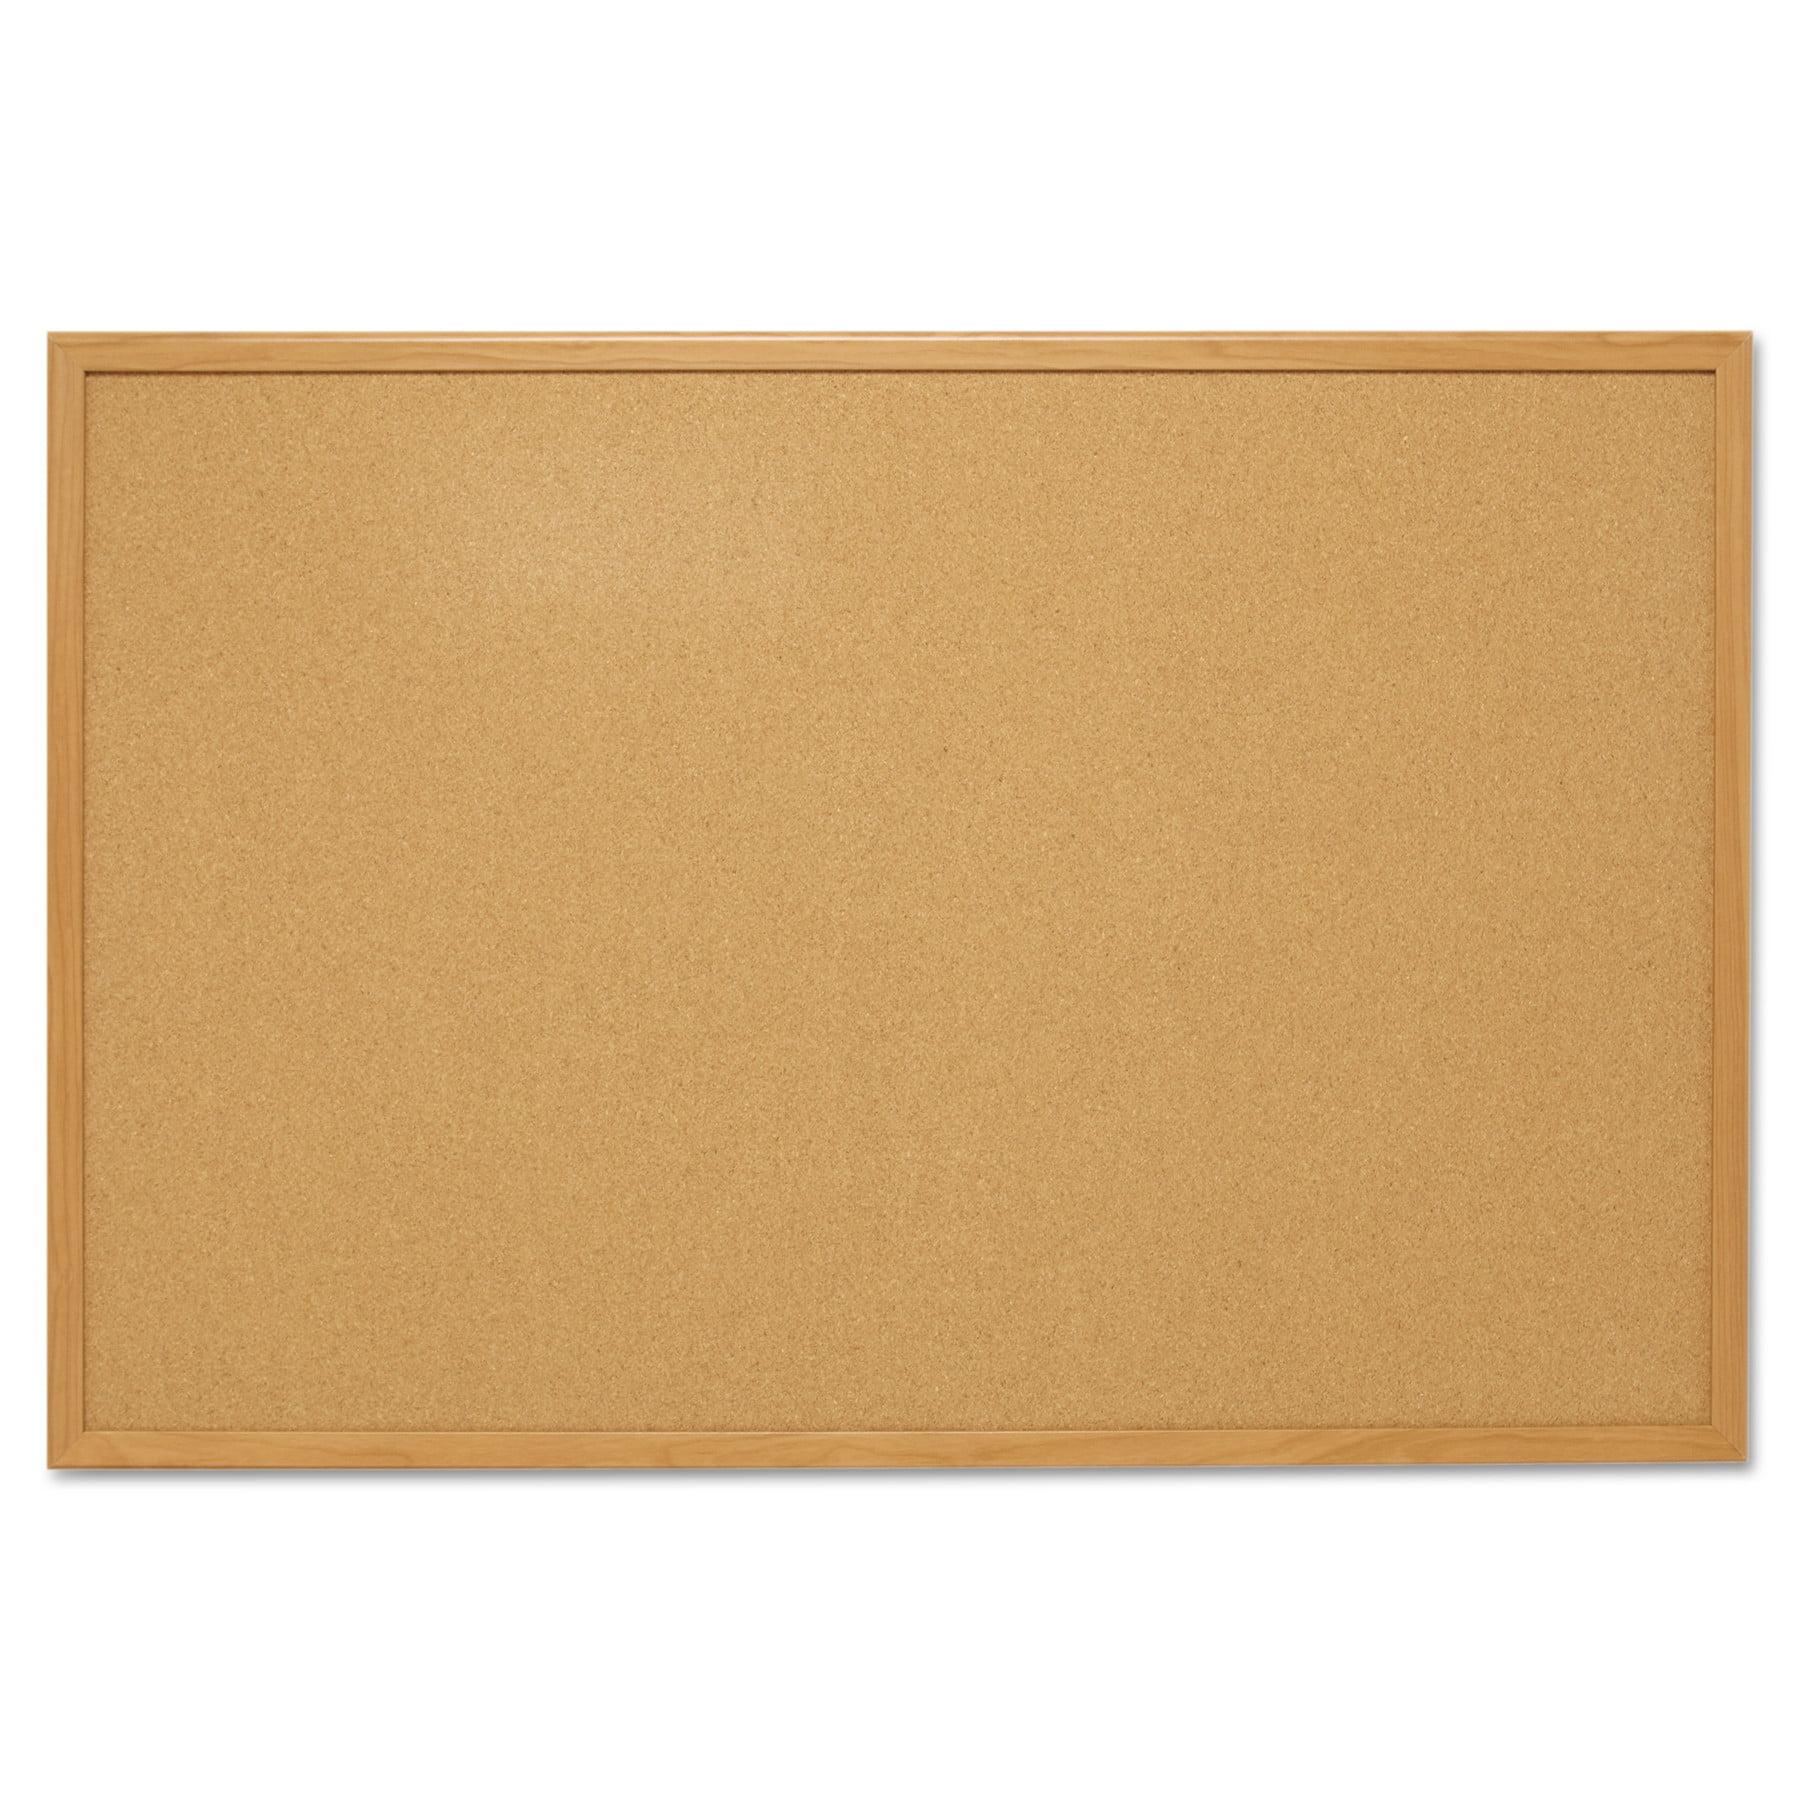 Mead Cork Bulletin Board, 4' x 3', Oak Frame (S774) by MEAD PRODUCTS